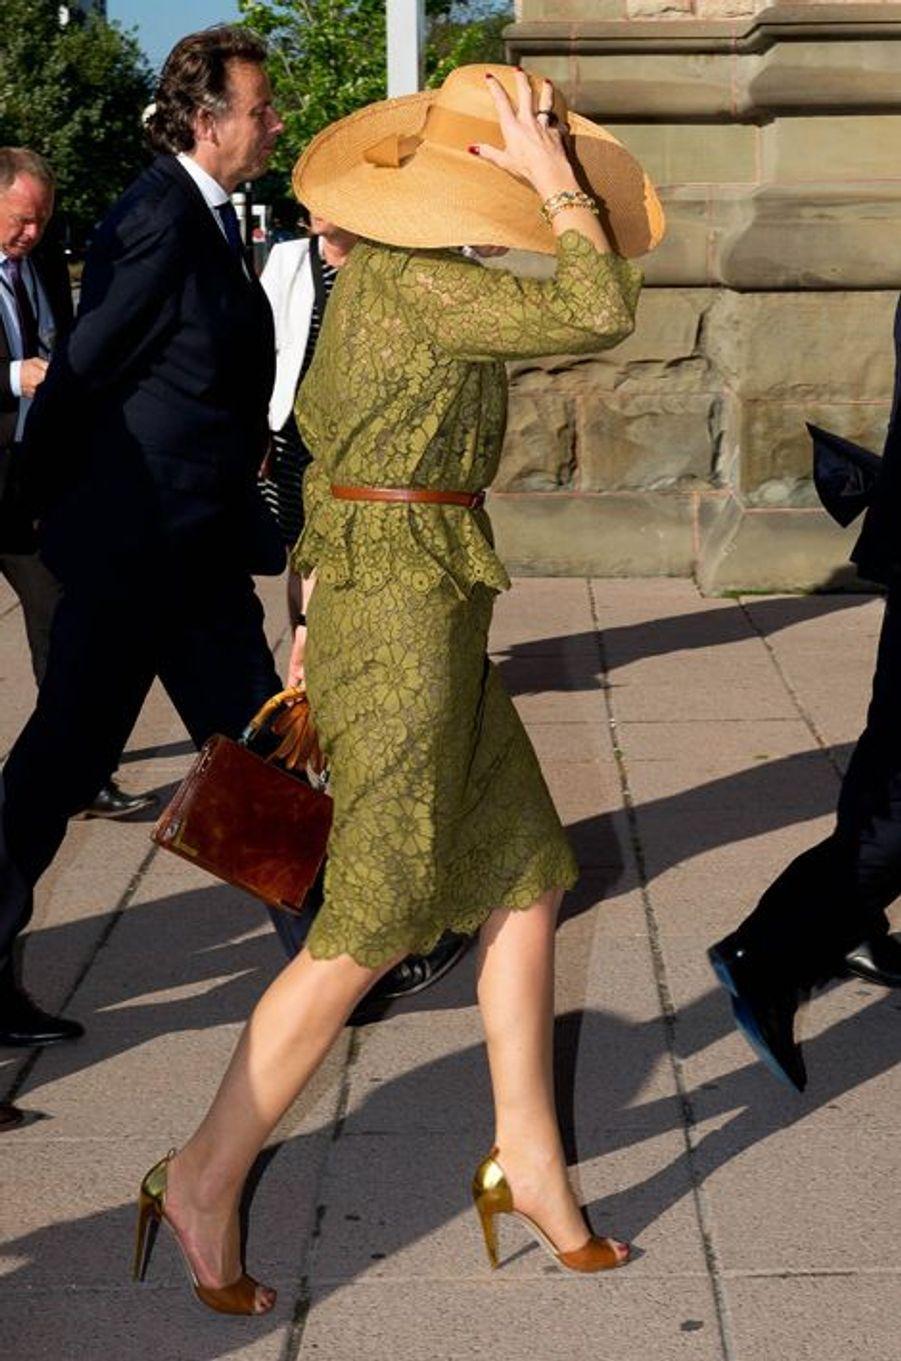 La reine Maxima des Pays-Bas arrive au musée canadien de la Nature à Ottawa, le 28 mai 2015